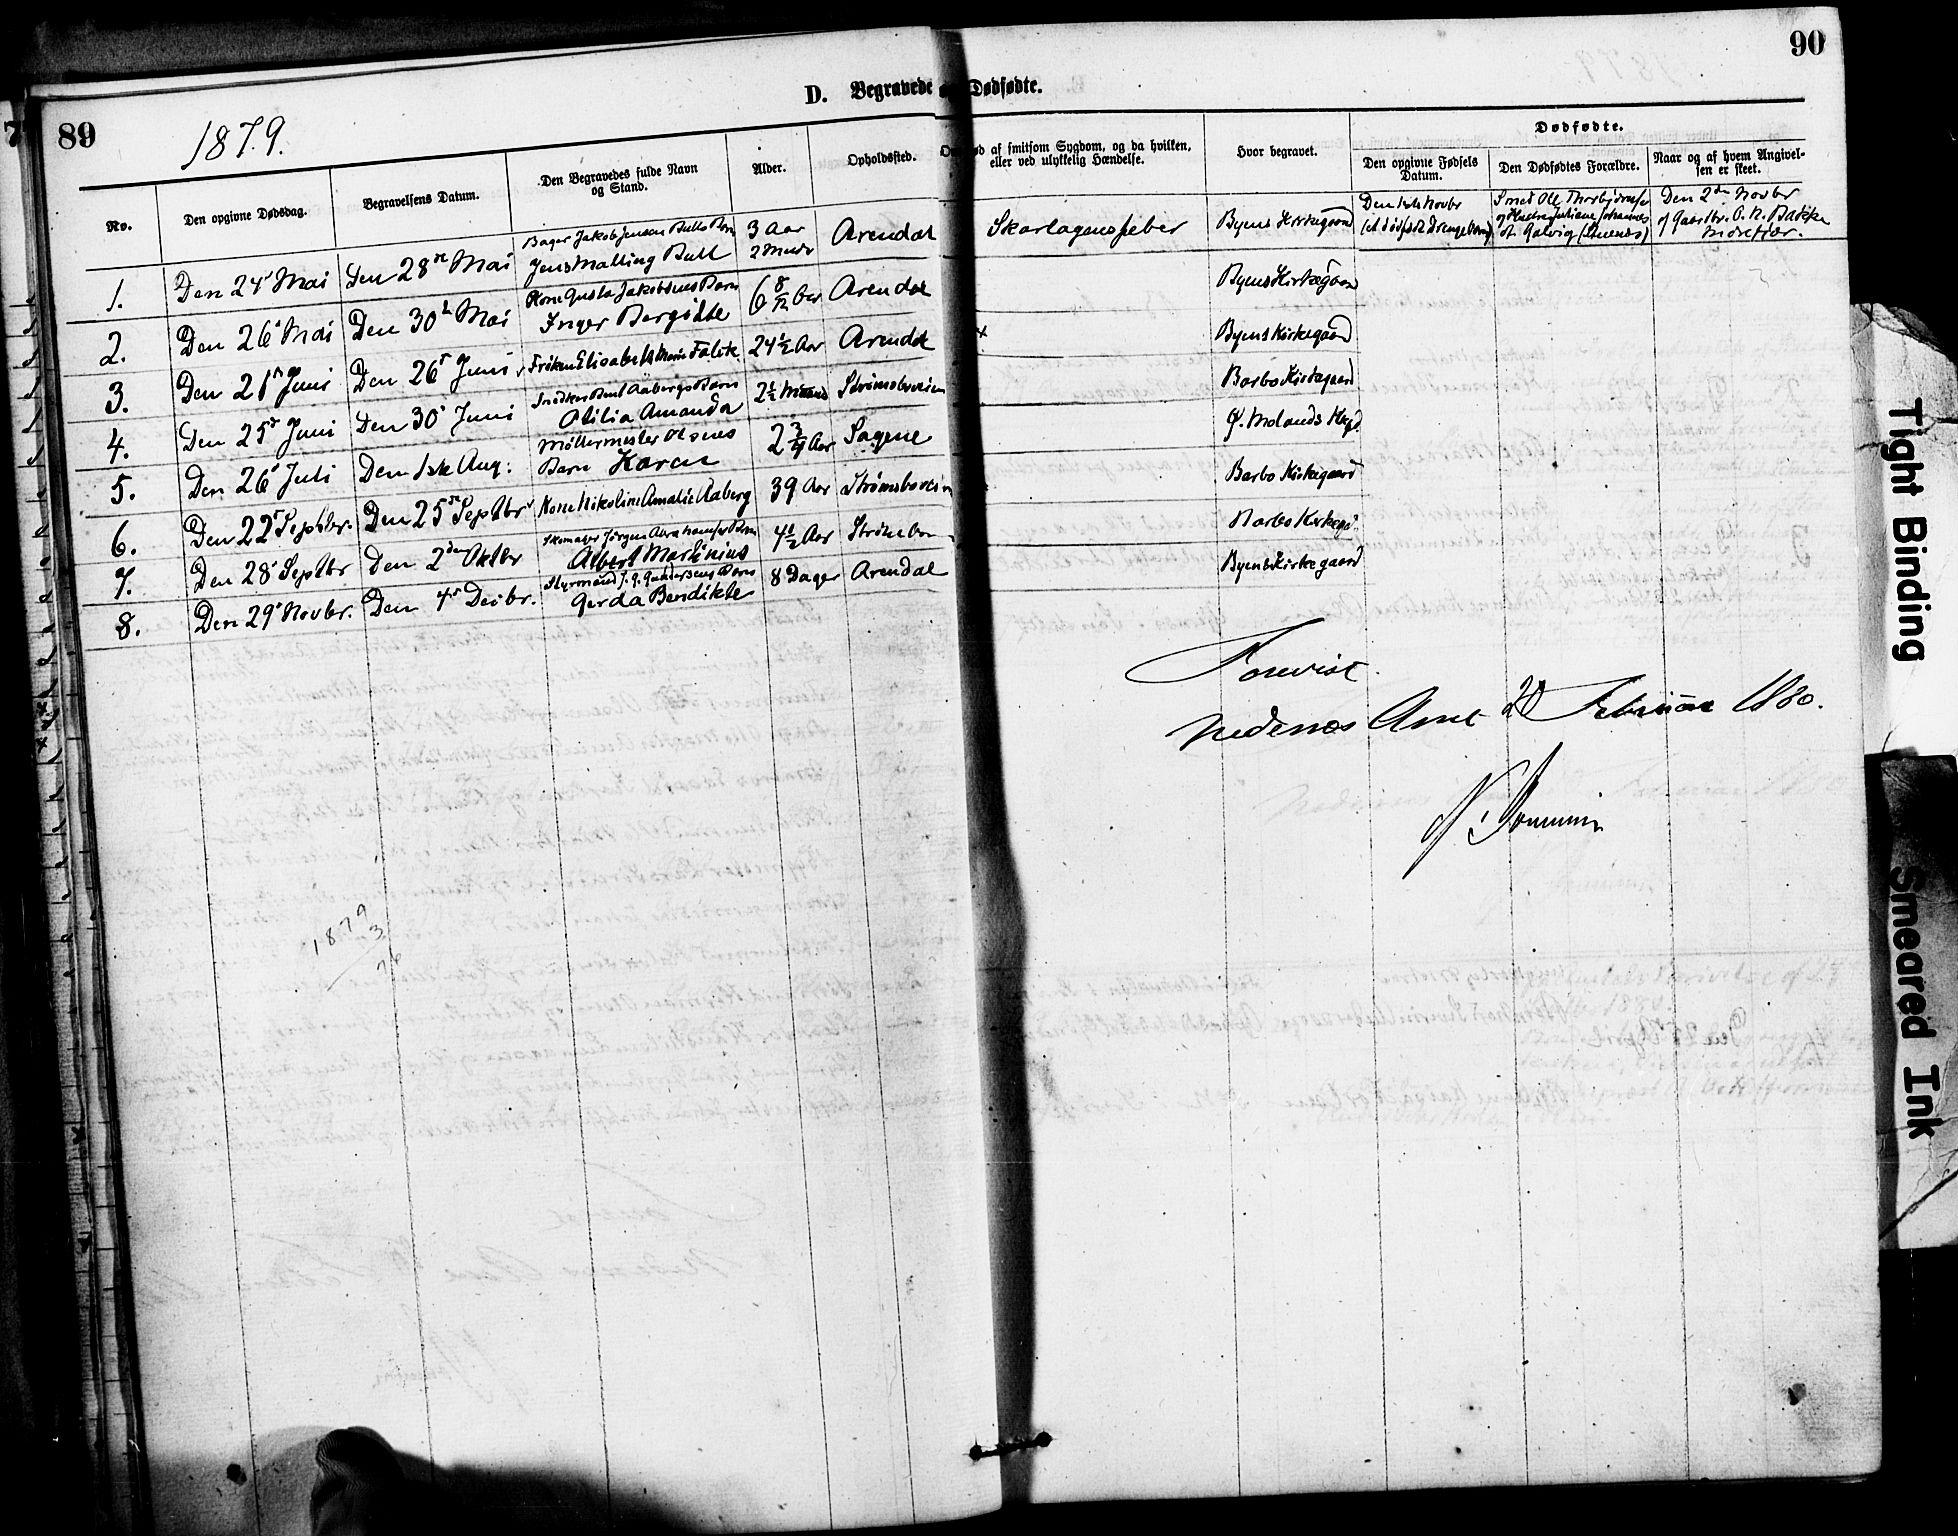 SAK, Den evangelisk-lutherske frimenighet, Arendal, F/Fa/L0001: Dissenter register no. F 5, 1877-1883, p. 89-90